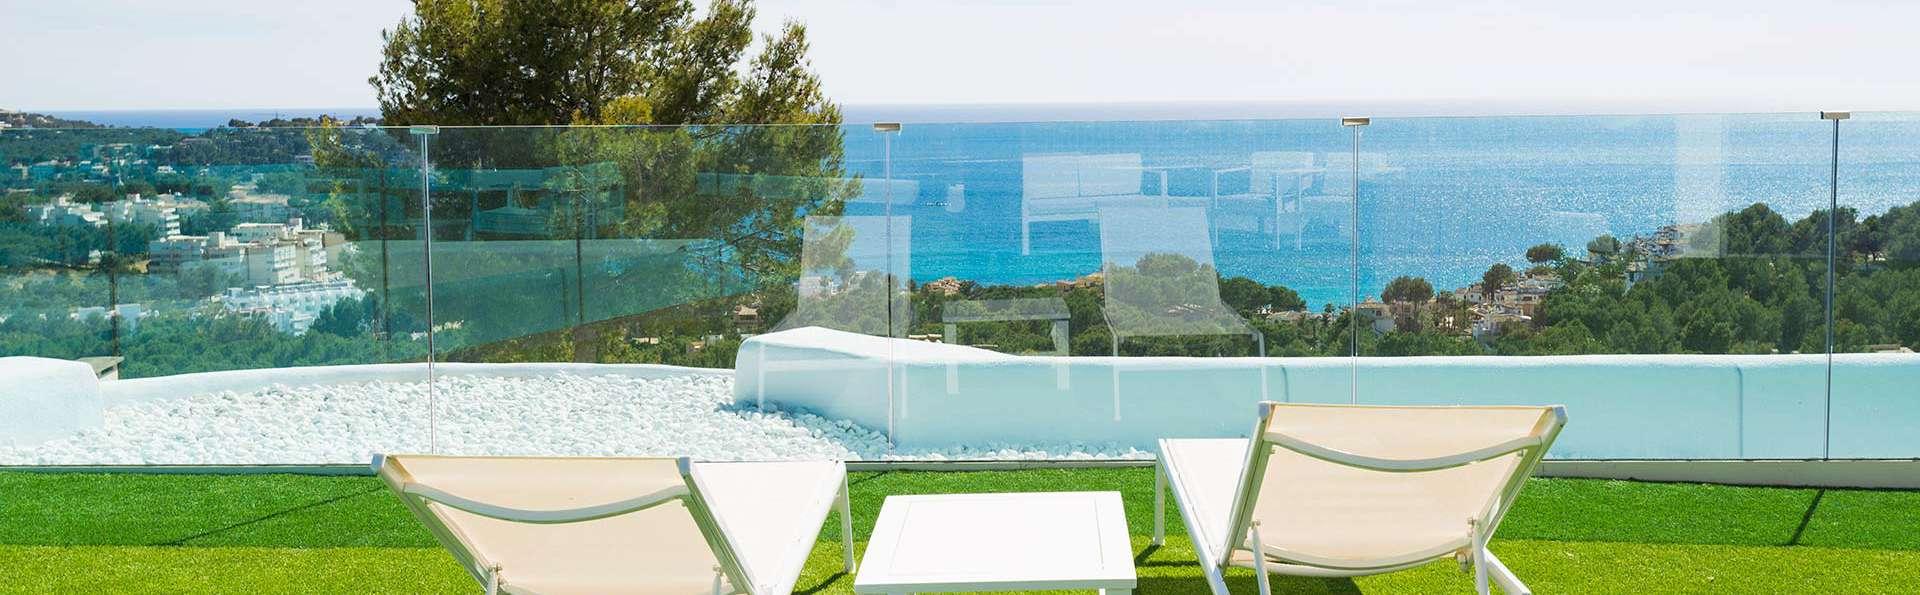 Alojamiento y desayuno en un precioso hotel cerca de Palma